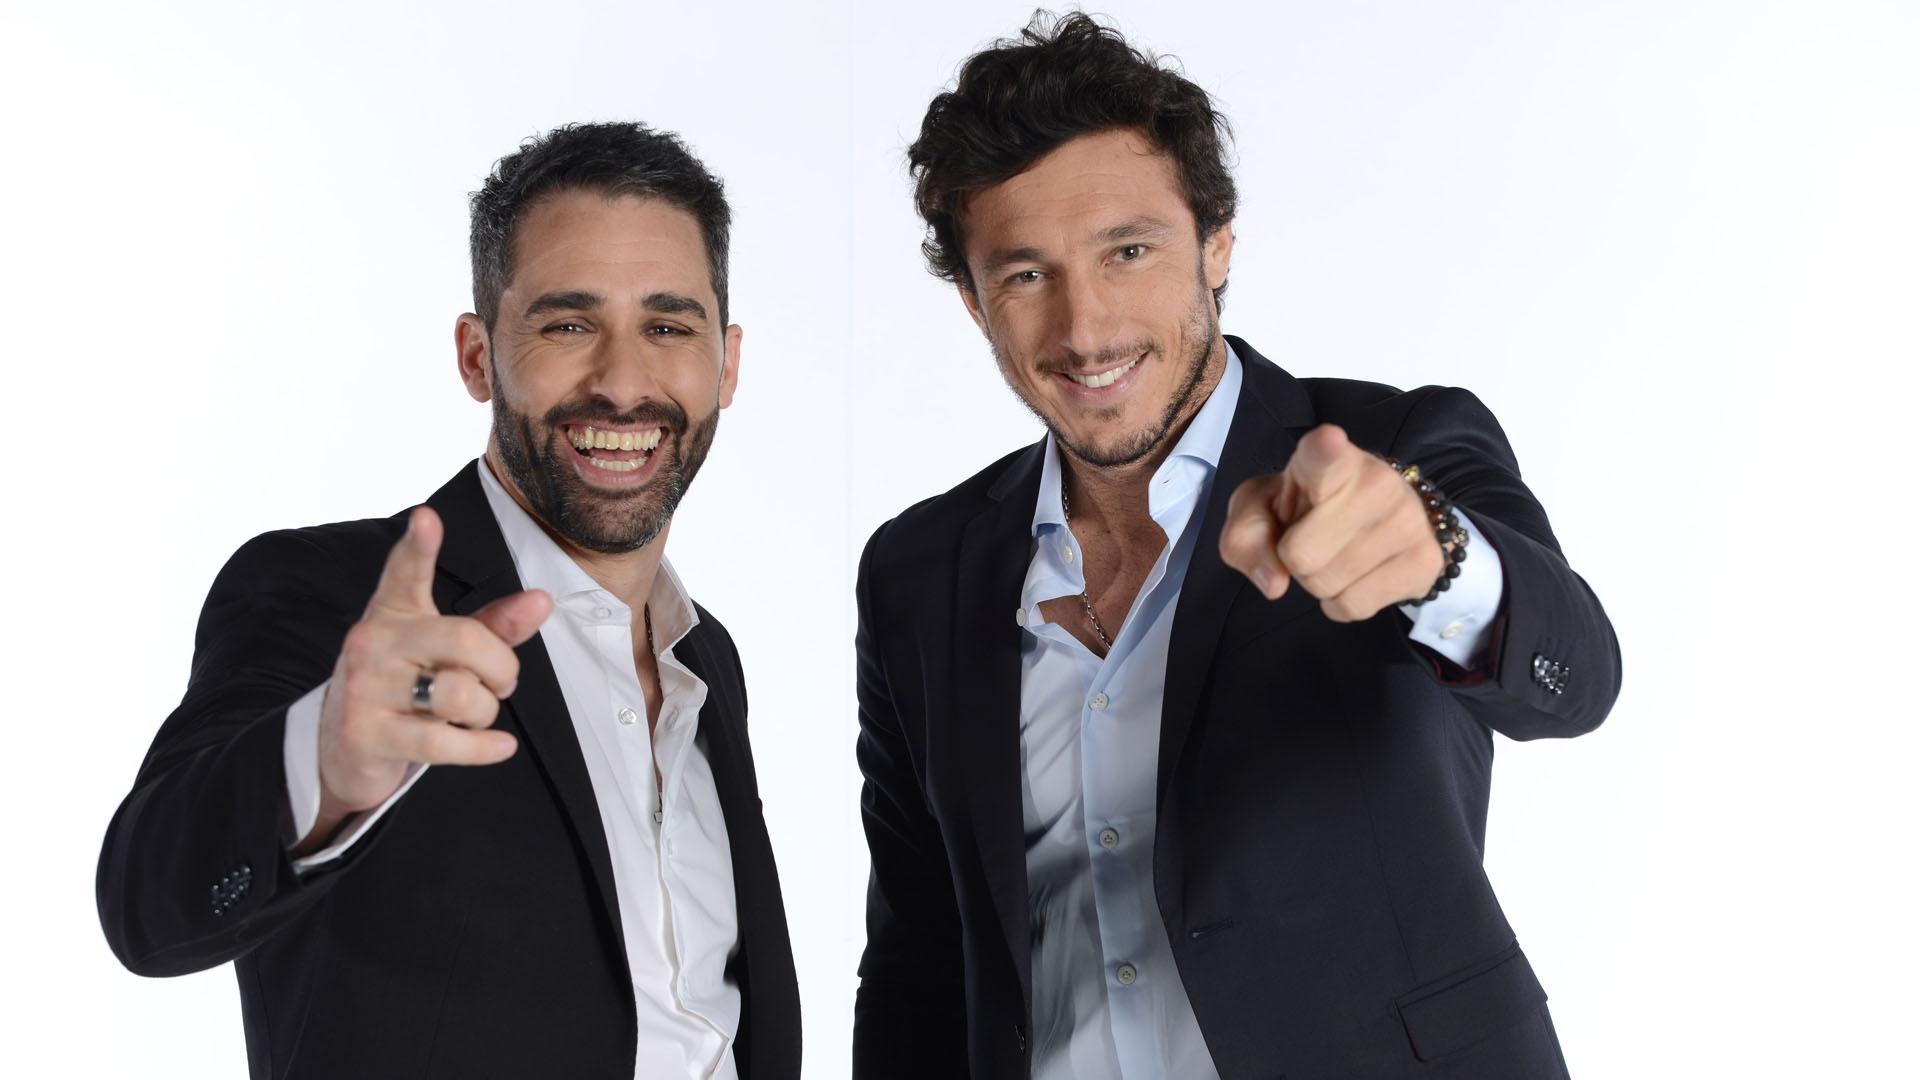 Amigos y compañeros: Pollo Álvarez y Pico Mónaco